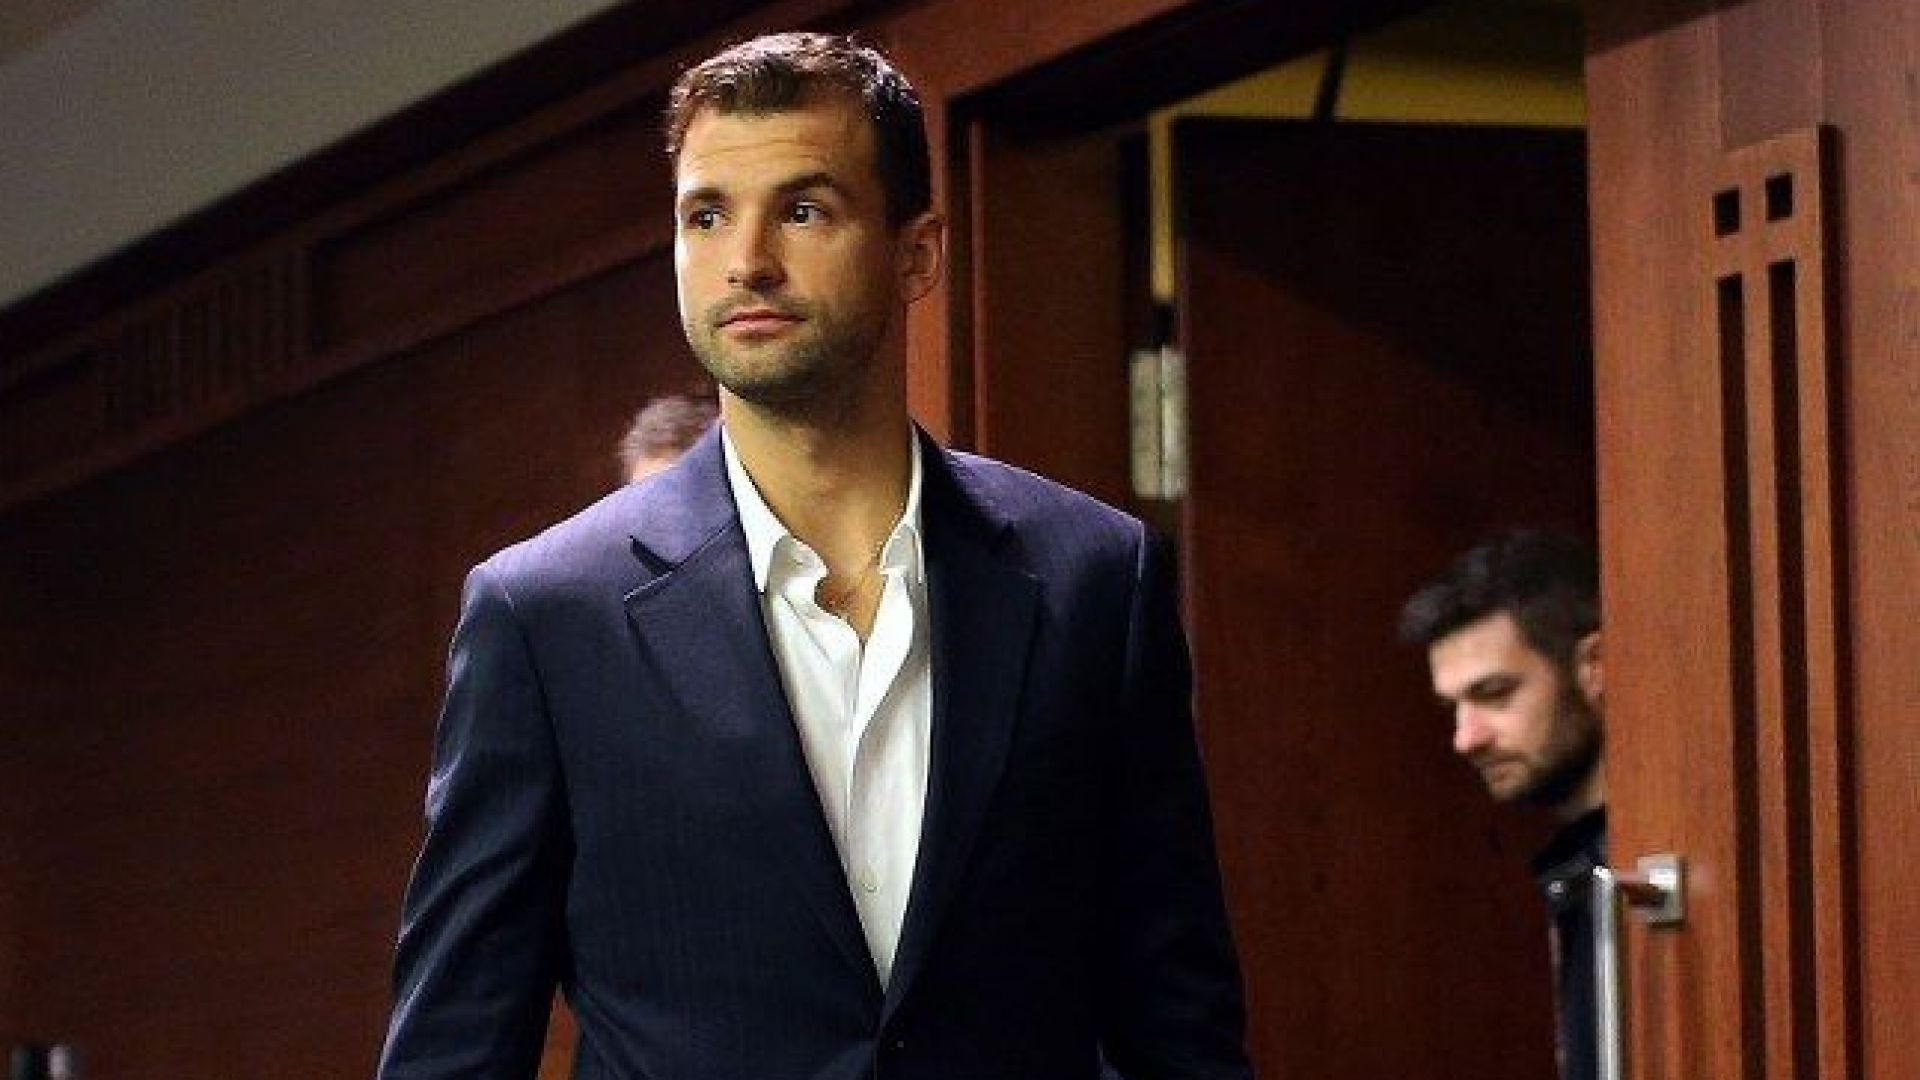 Григор Димитров написа топли думи за спортния герой Брайънт